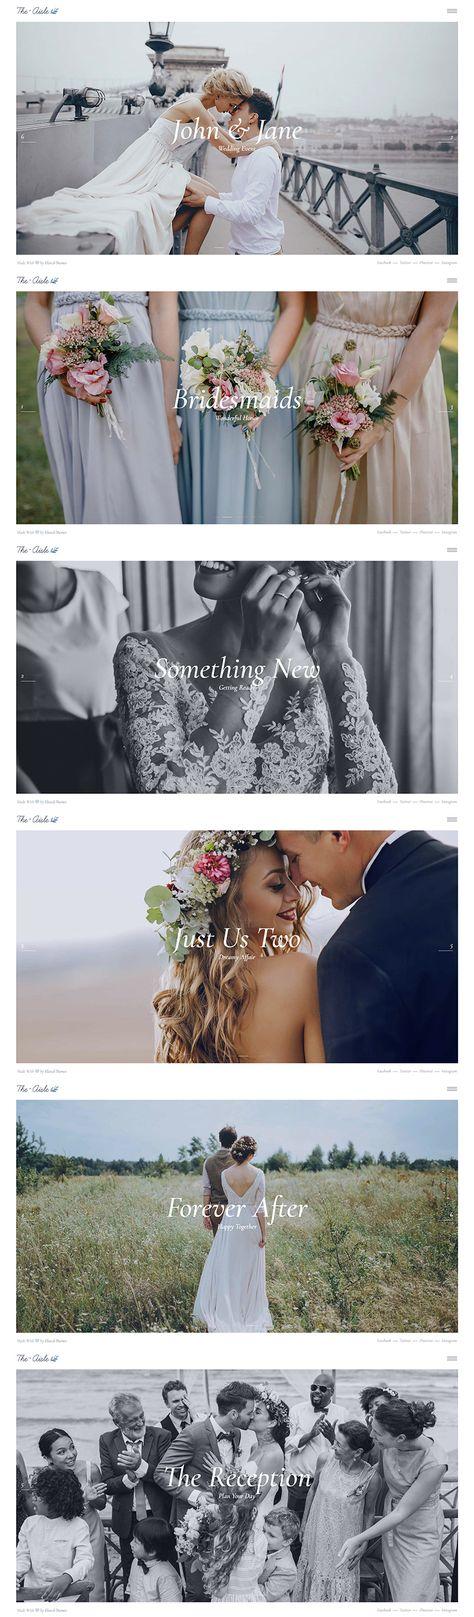 Use this photography slider feature to awe everyone with your amazing wedding photographs!   #wordpress #webdesign #websitedesign #designinspiration #wedding #celebration #weddingplanner #weddingwebsite #weddinginspiration #weddingbusiness #weddingday #weddingphoto #feminine #elegant